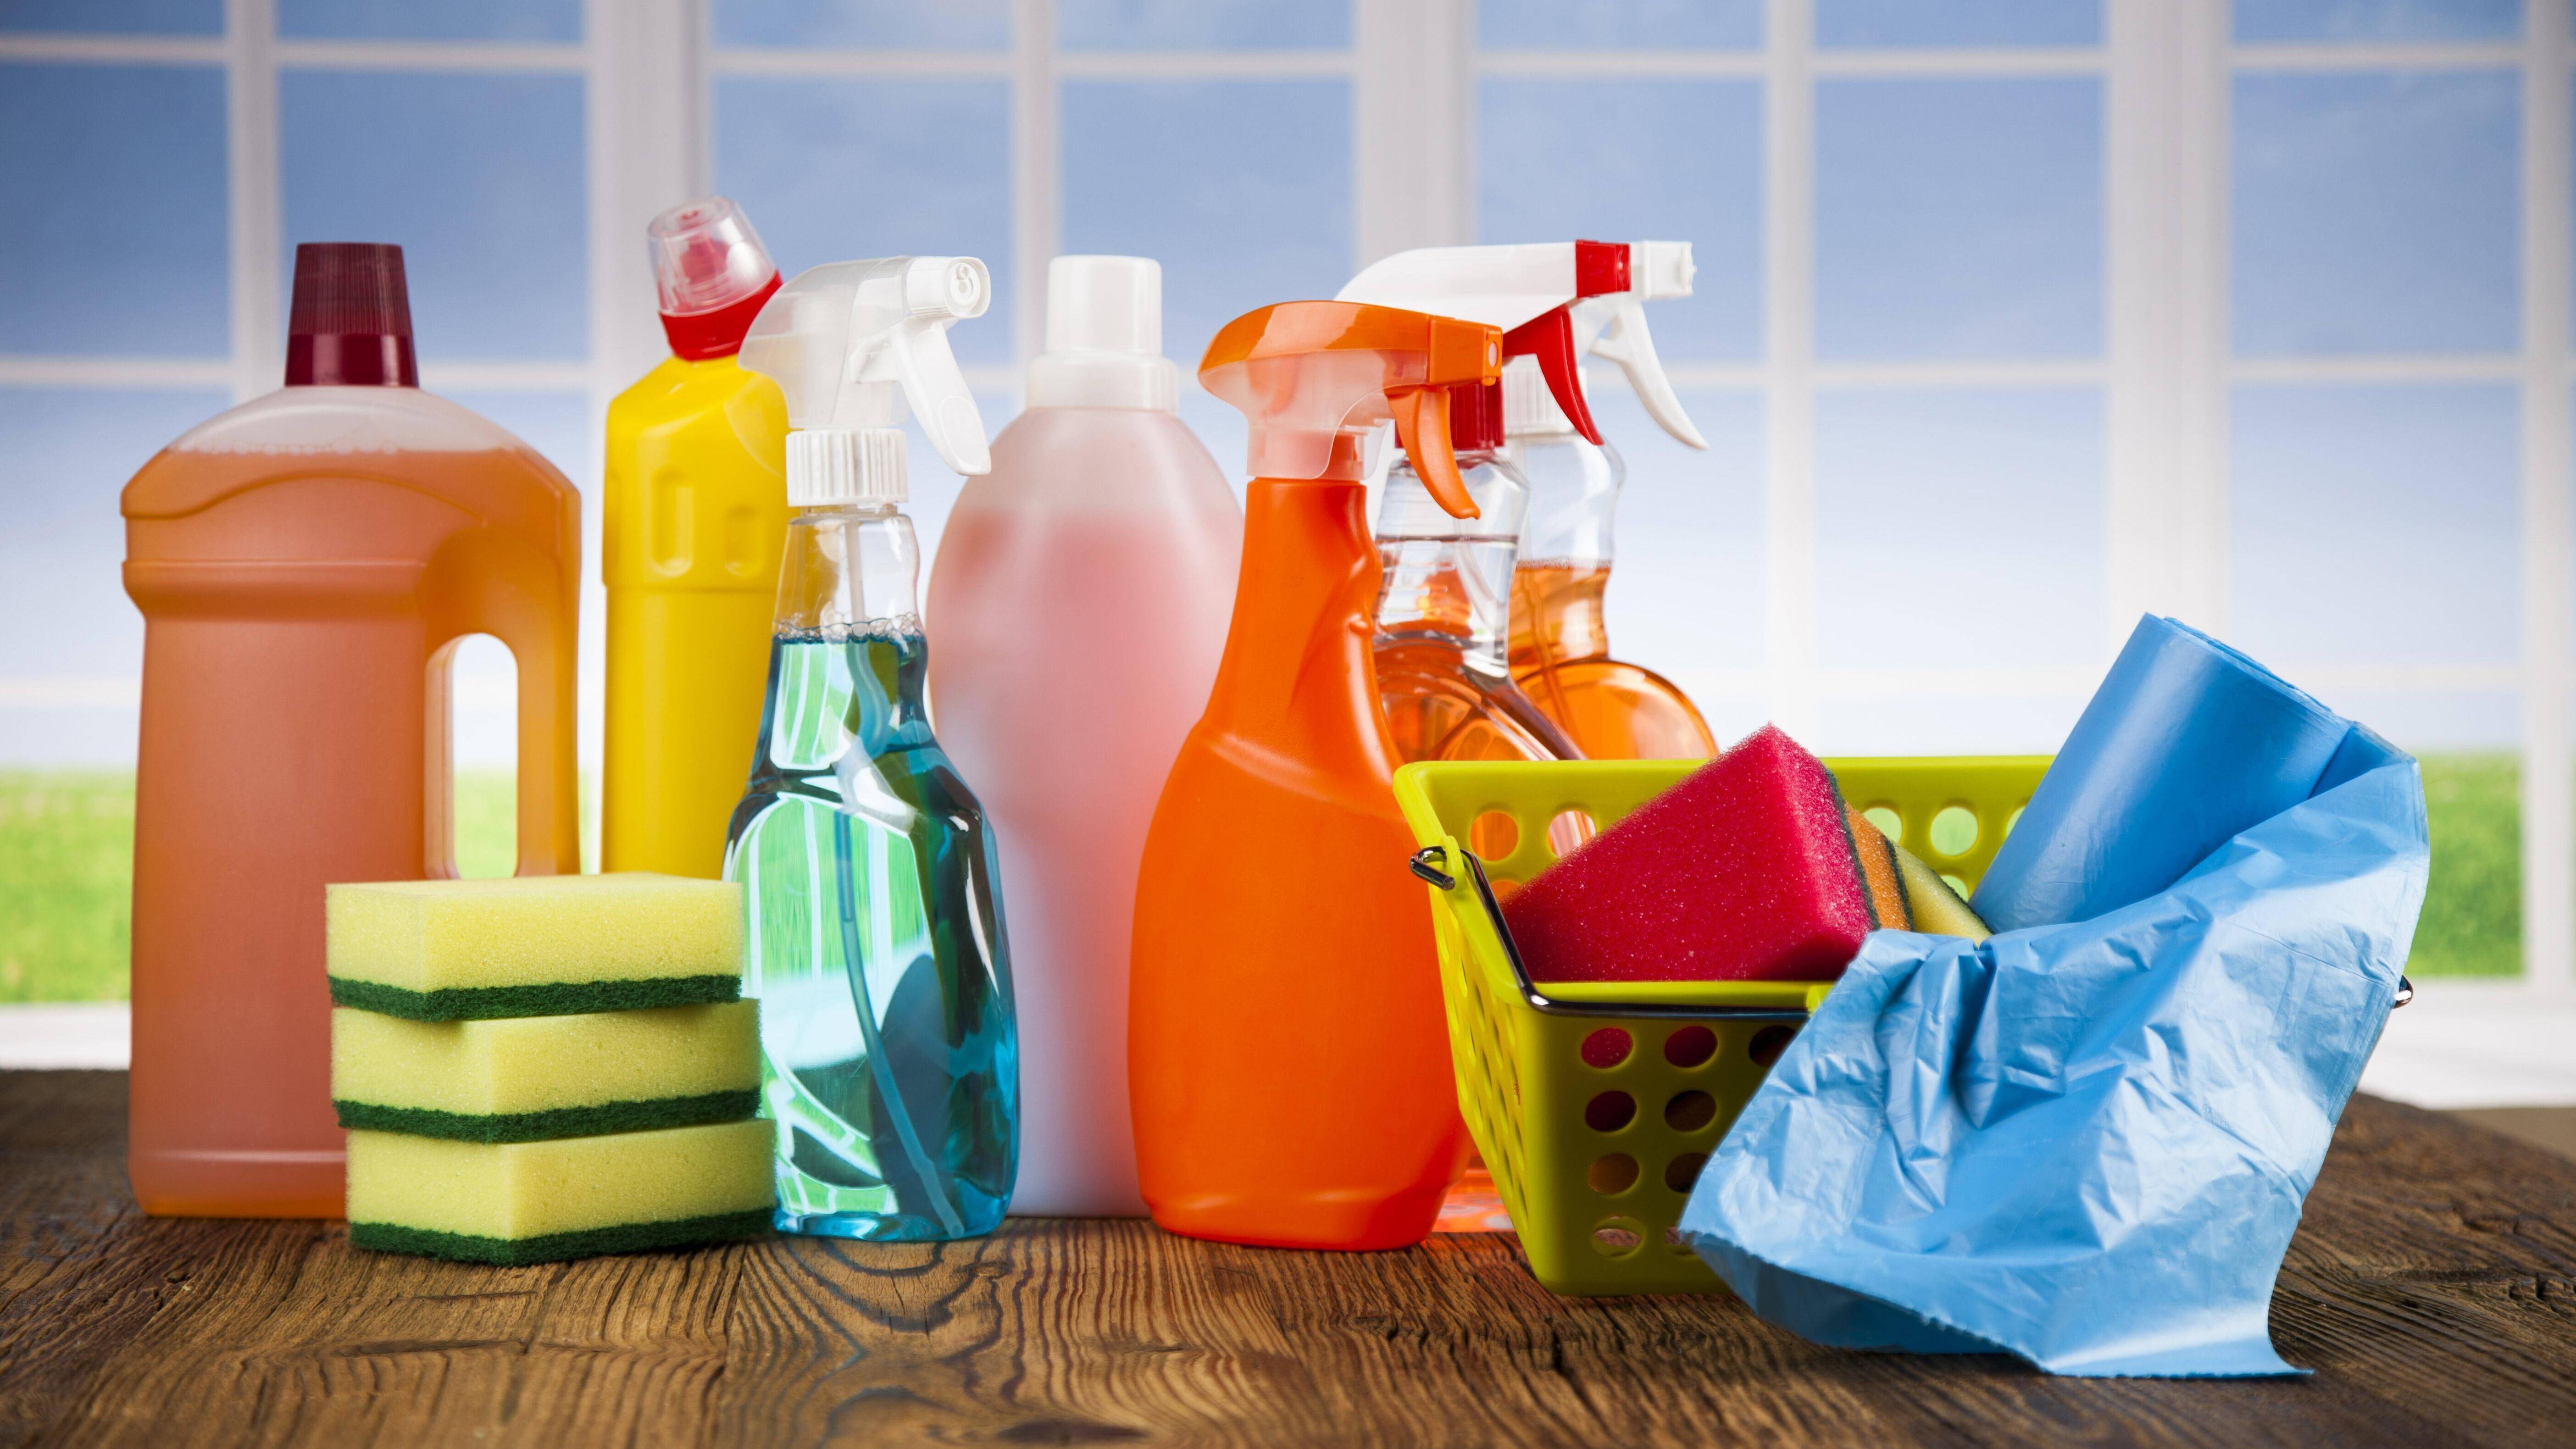 Gummi reinigen: Mit diesen Hausmitteln kriegen Sie Gummi wieder sauber